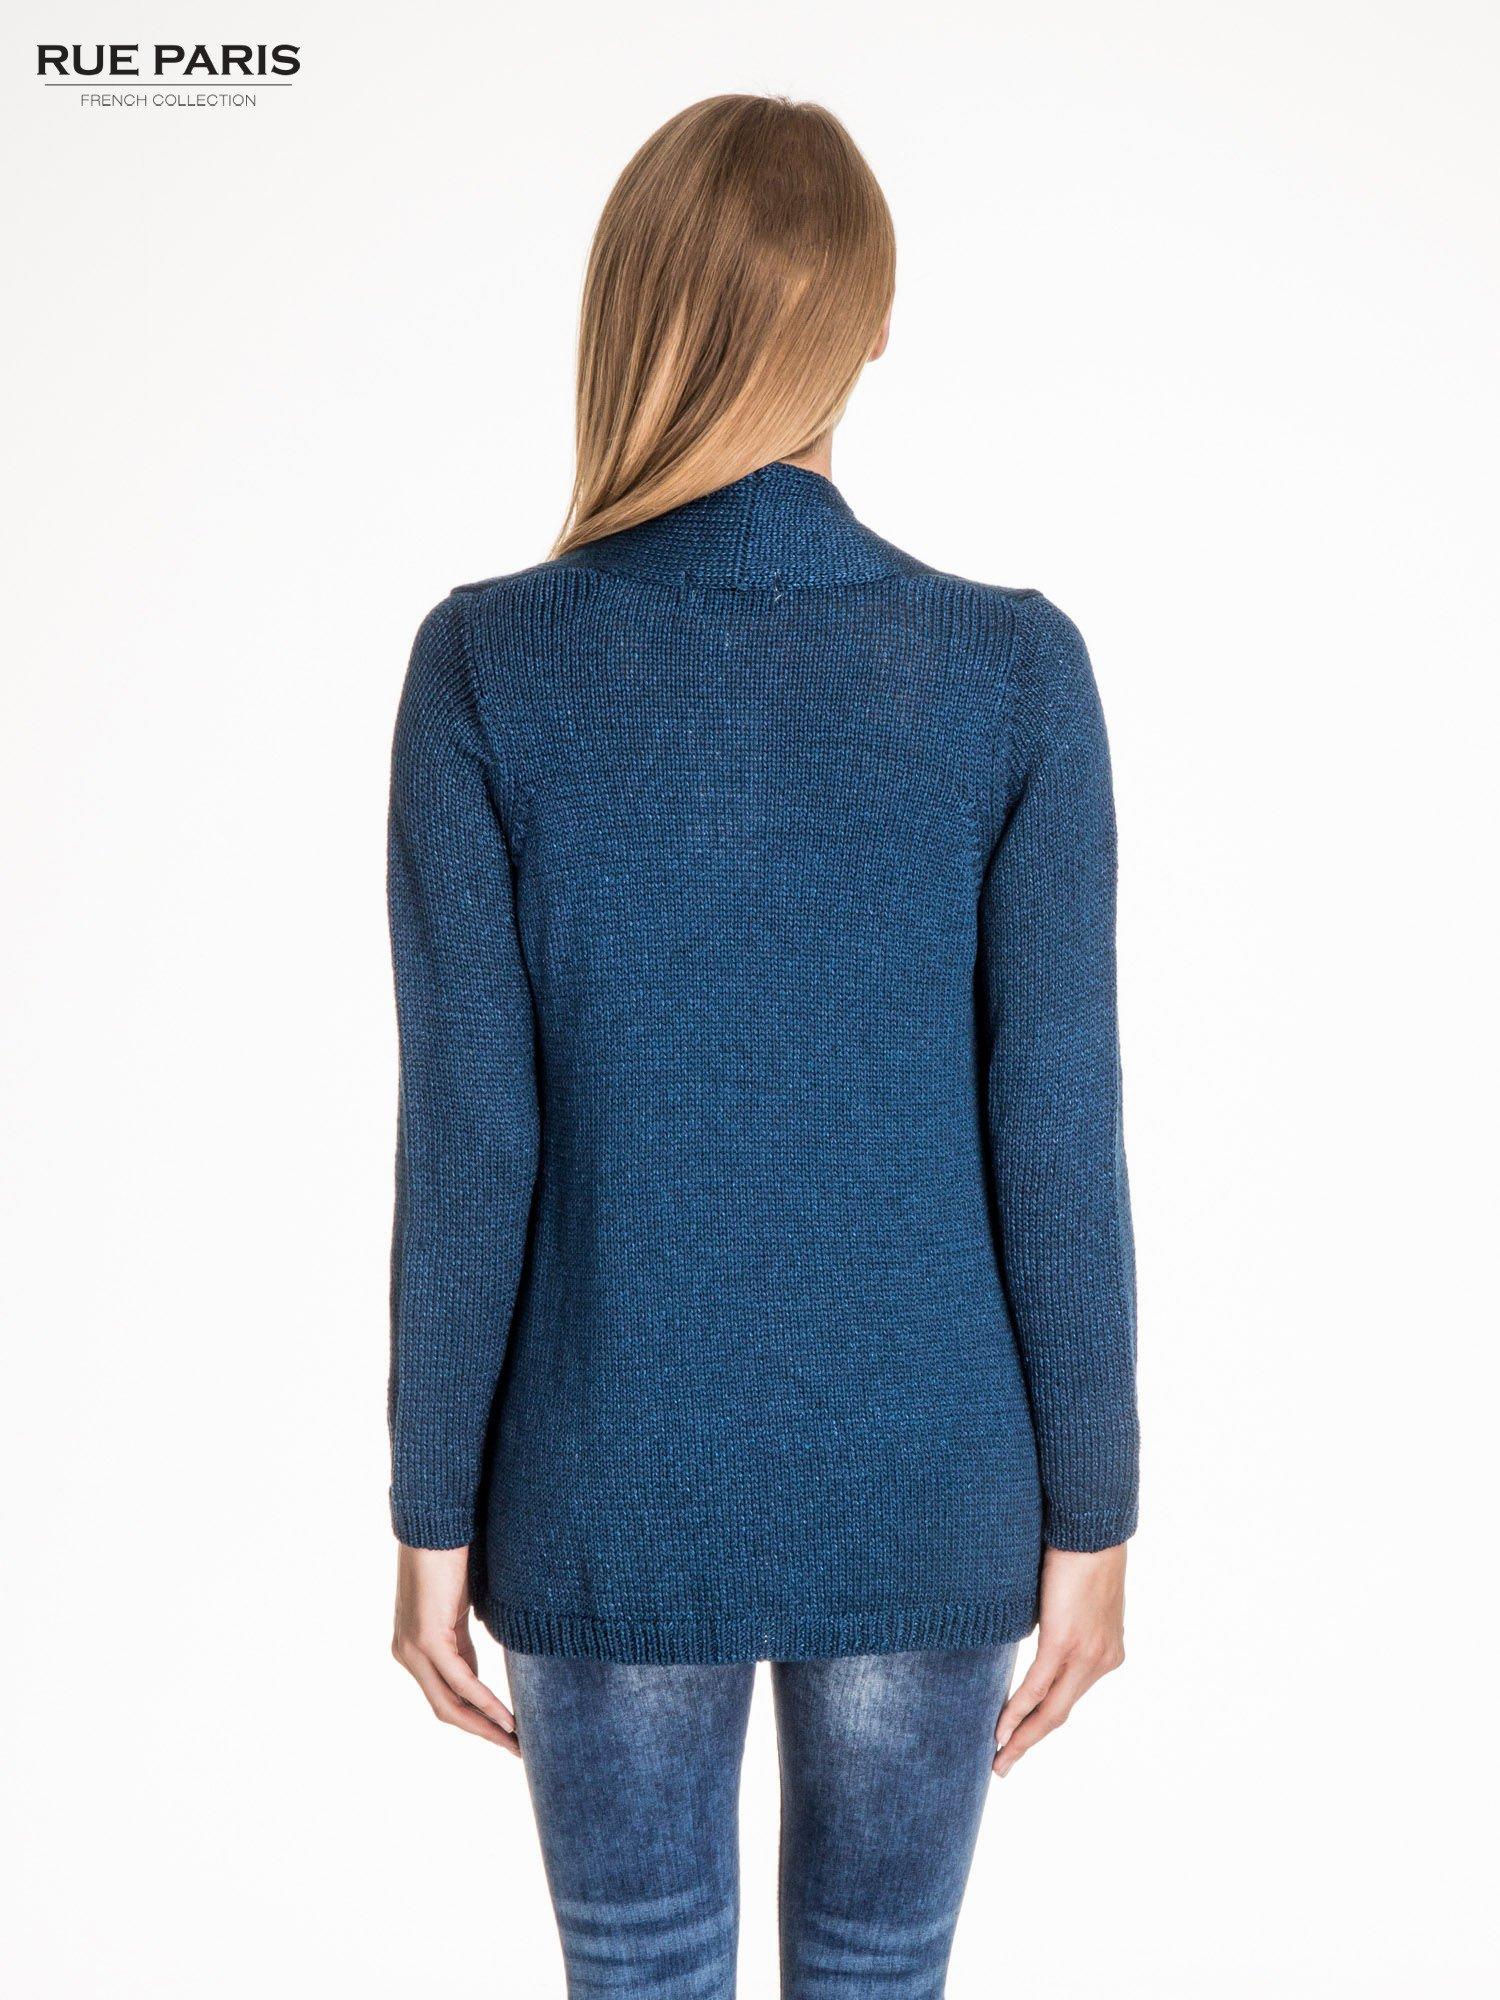 Ciemnoniebieski otwarty sweter z błyszczącą nitką                                  zdj.                                  4